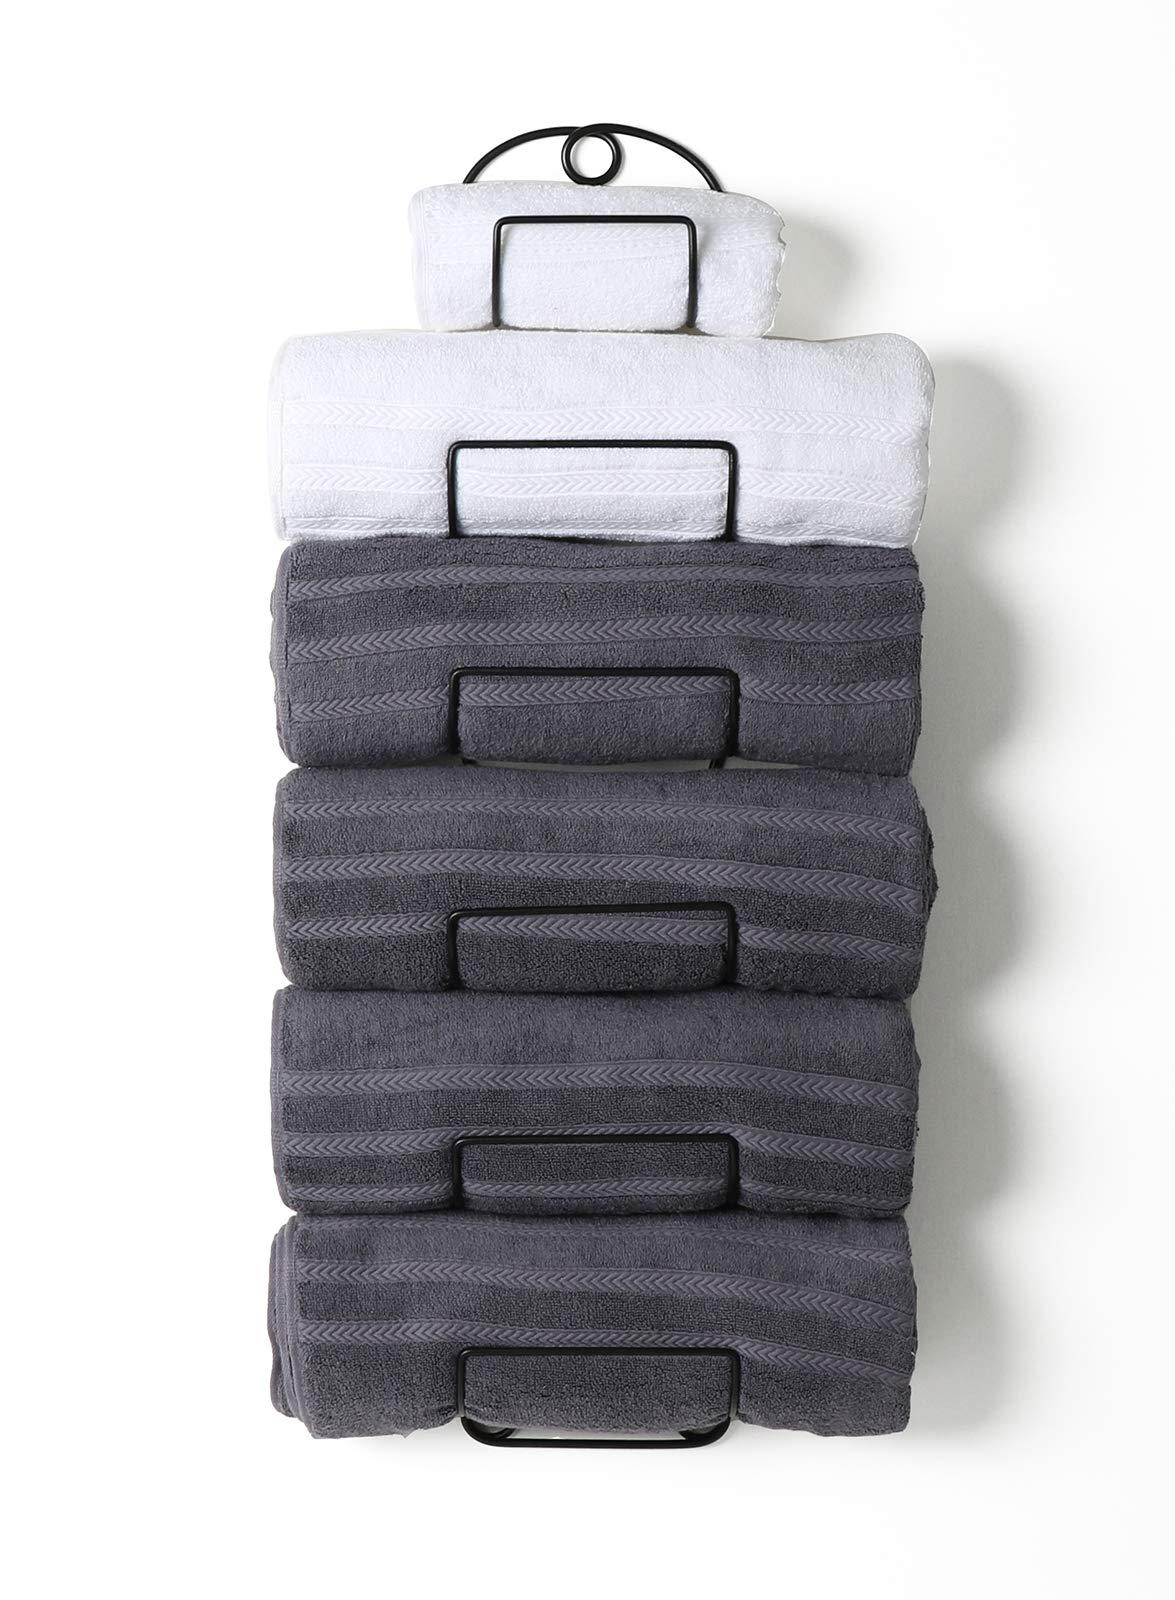 SODUKU Towel Rack Wall Mounted Metal Wine Rack Towel Shelf for Bathroom Black by SODUKU